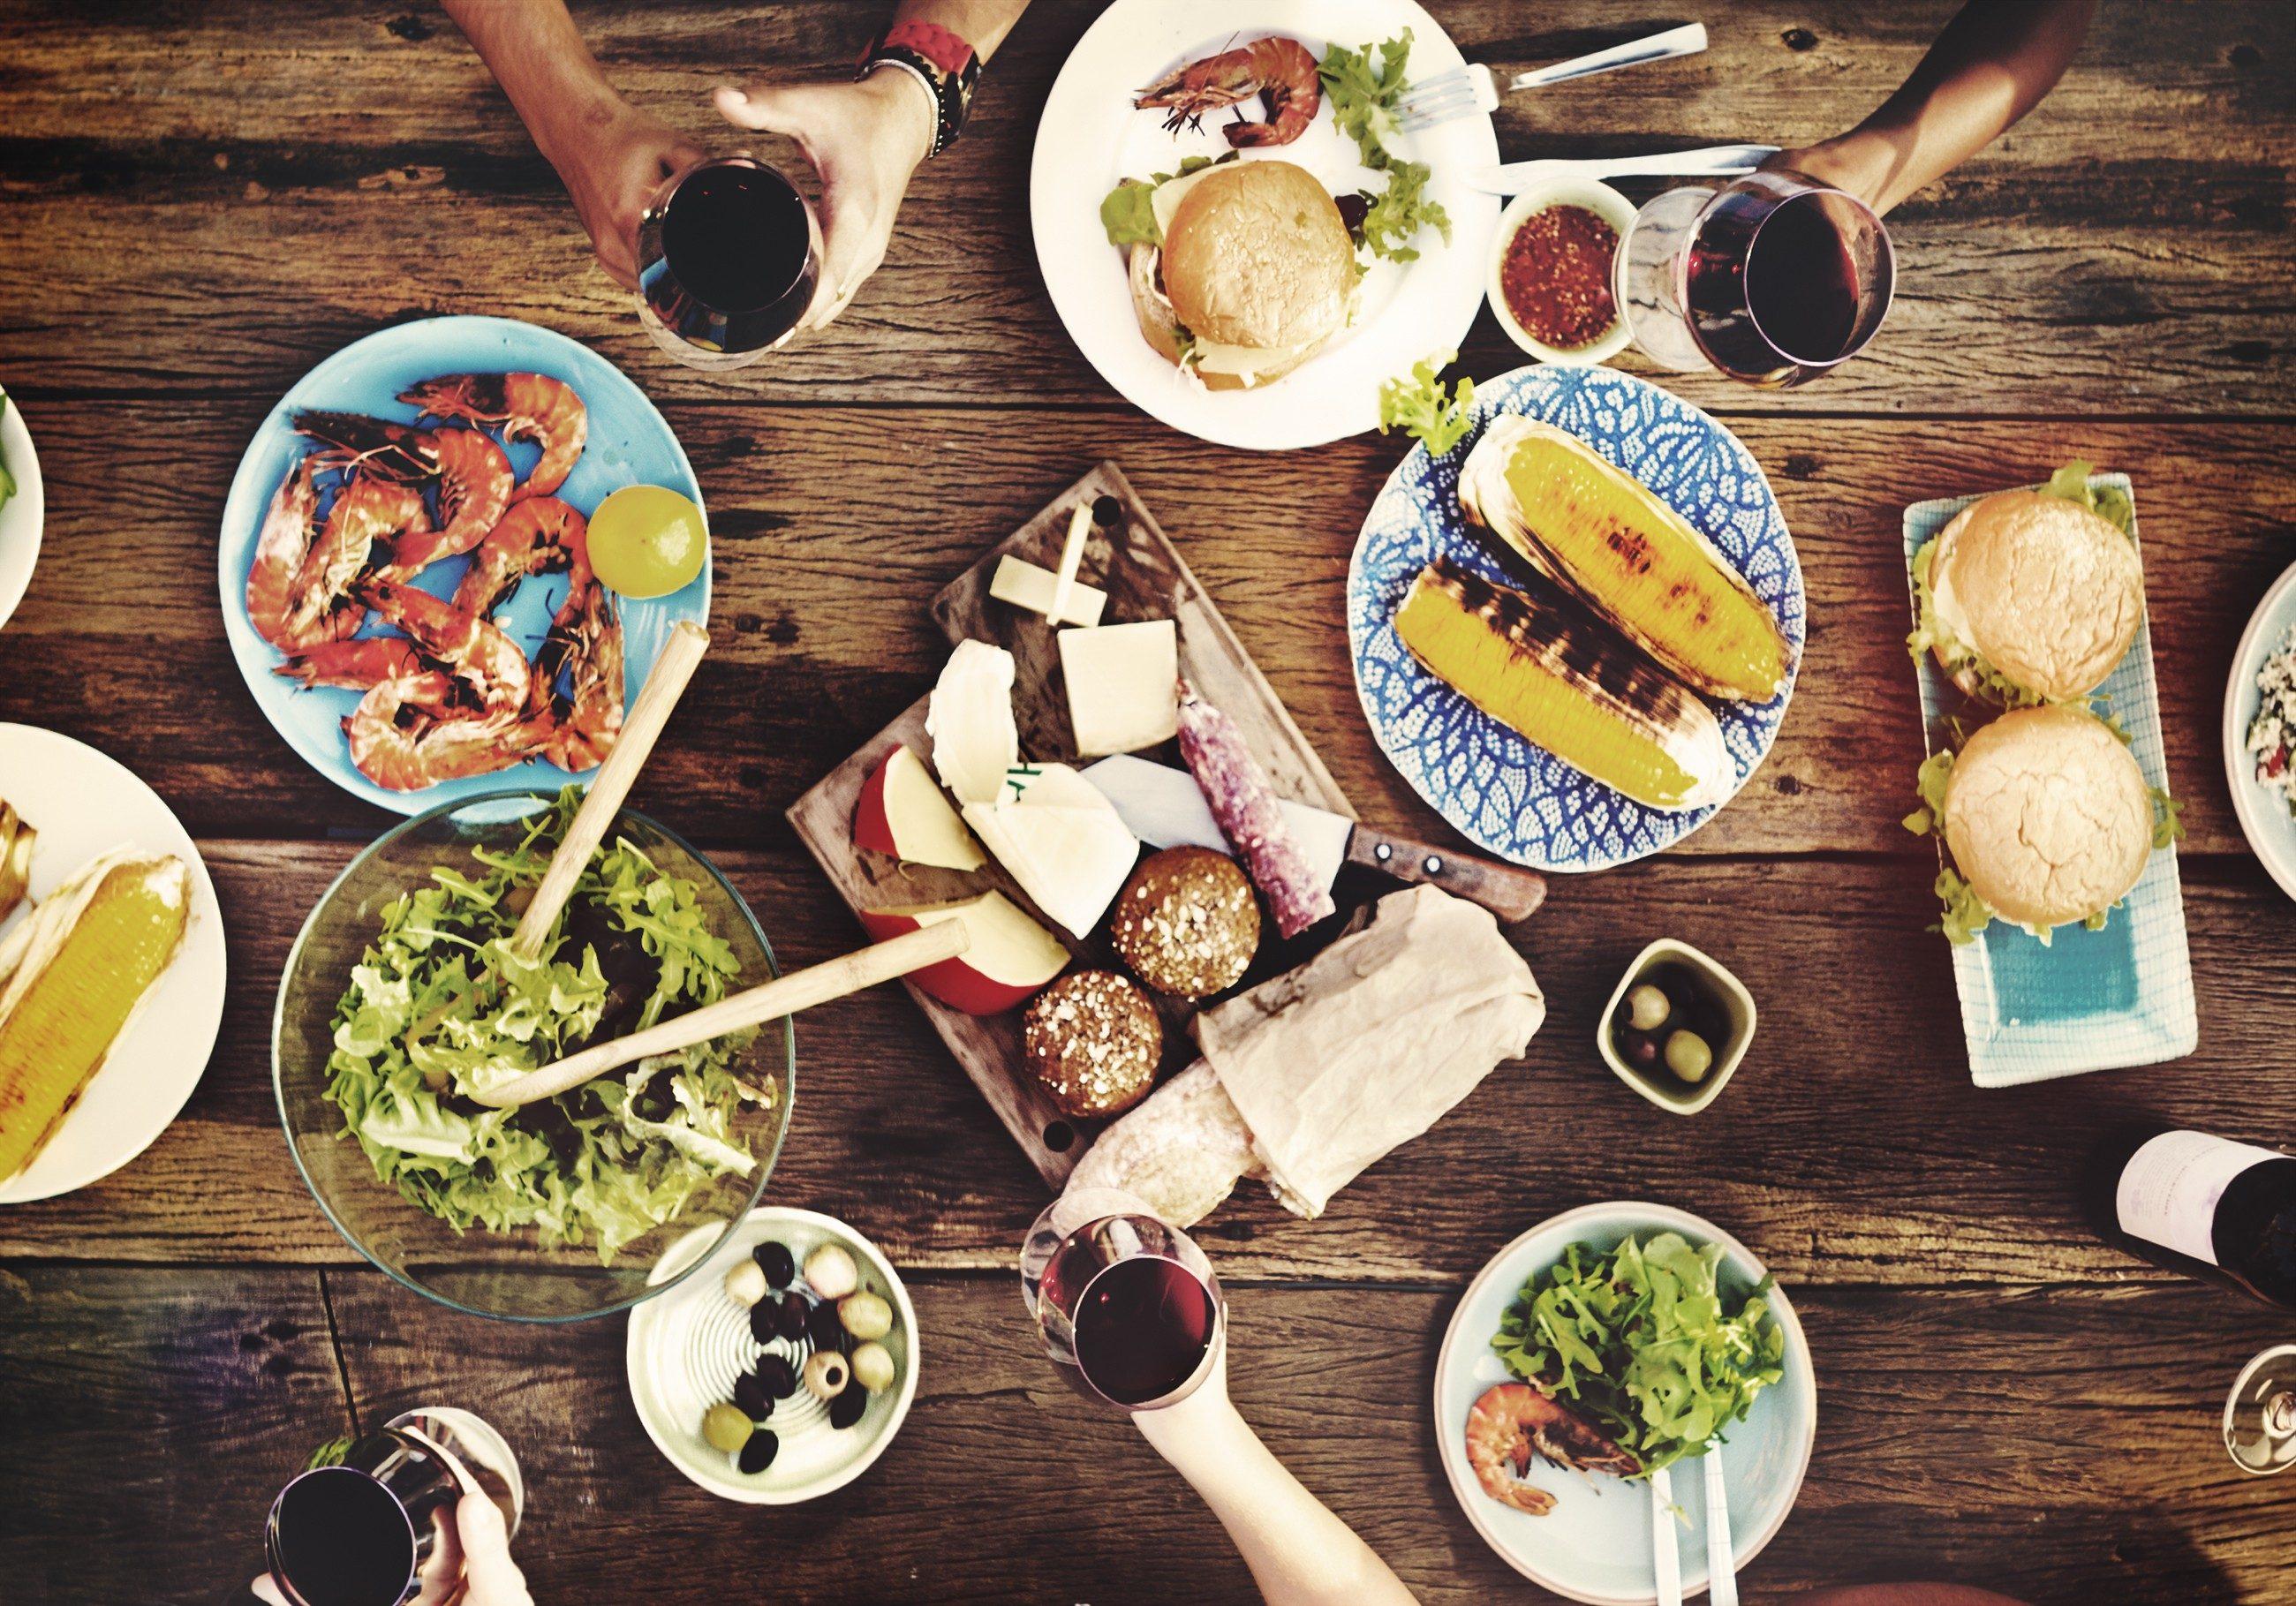 R gime manger bien et sainement pour un r gime r ussi - Menu pour manger sainement ...